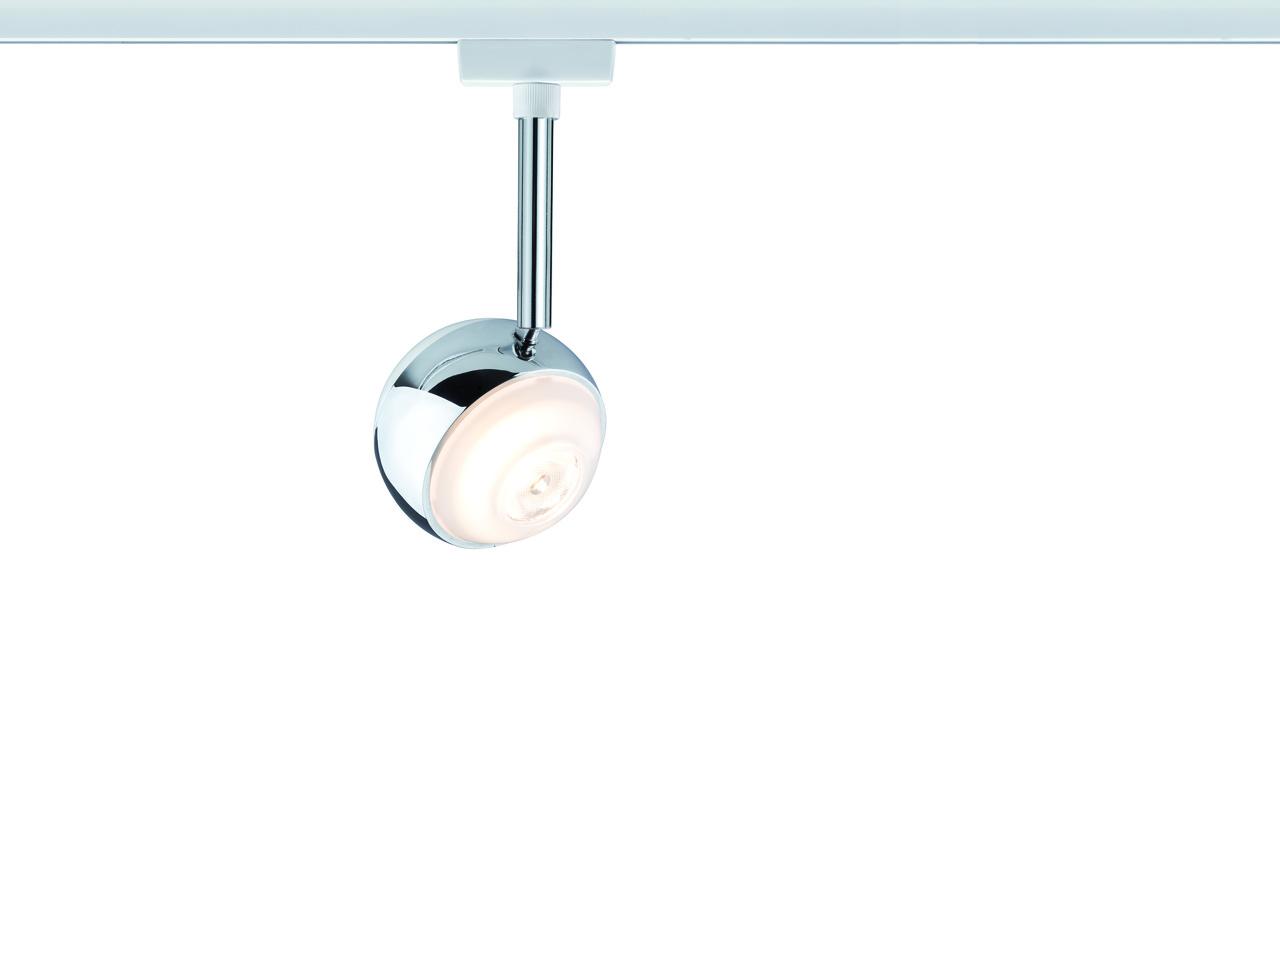 Paulmann URail System LED Spot Capsule 1x4, Chr...